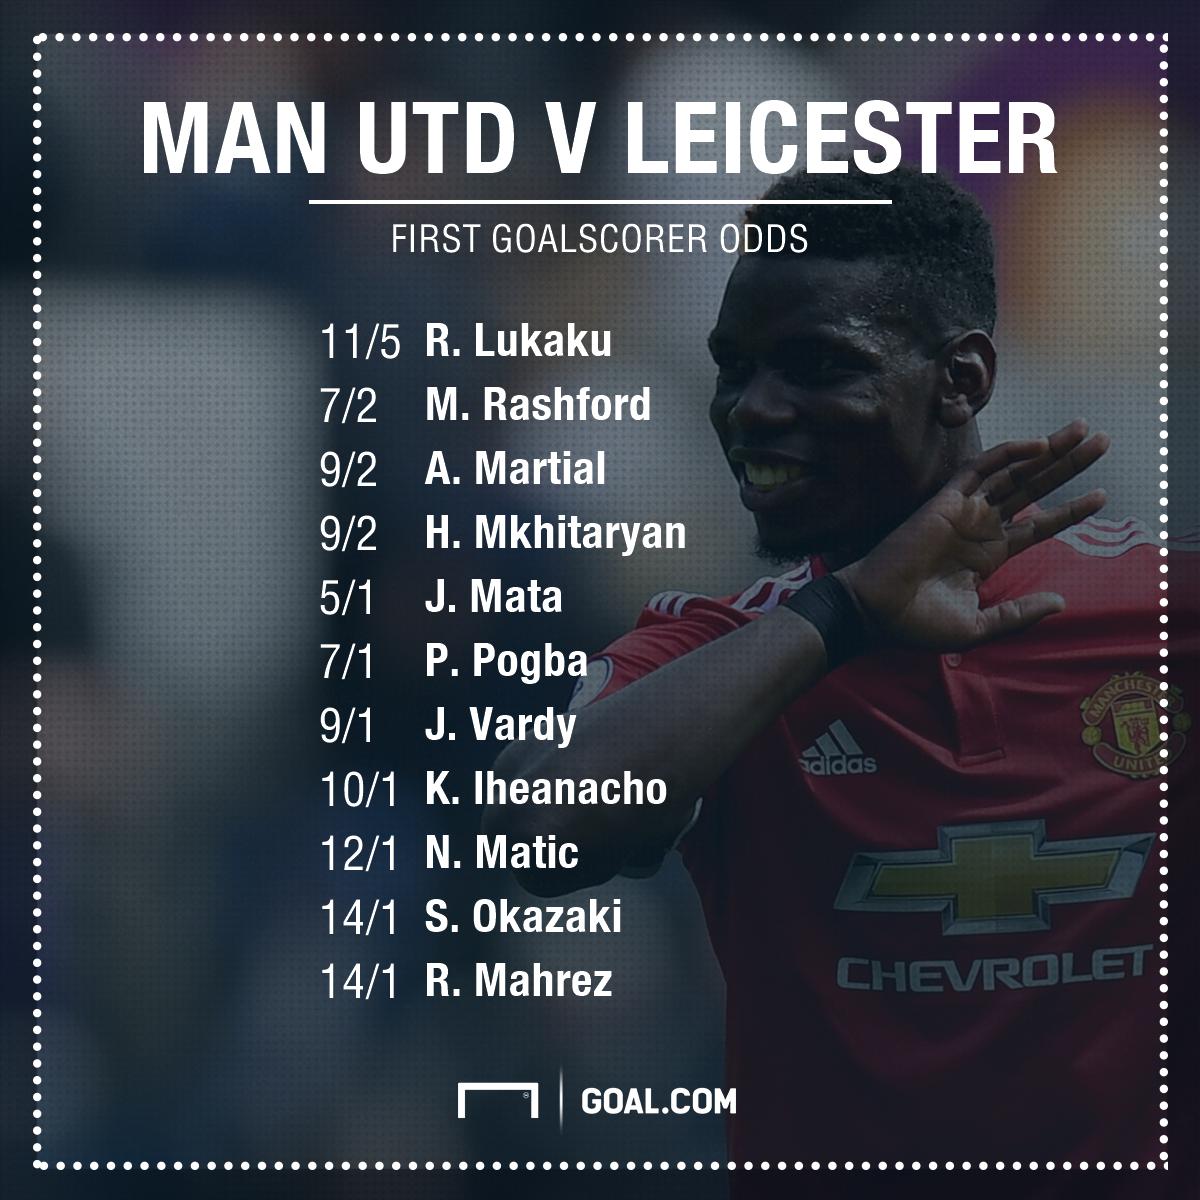 Man Utd vs Leicester Odds GFX